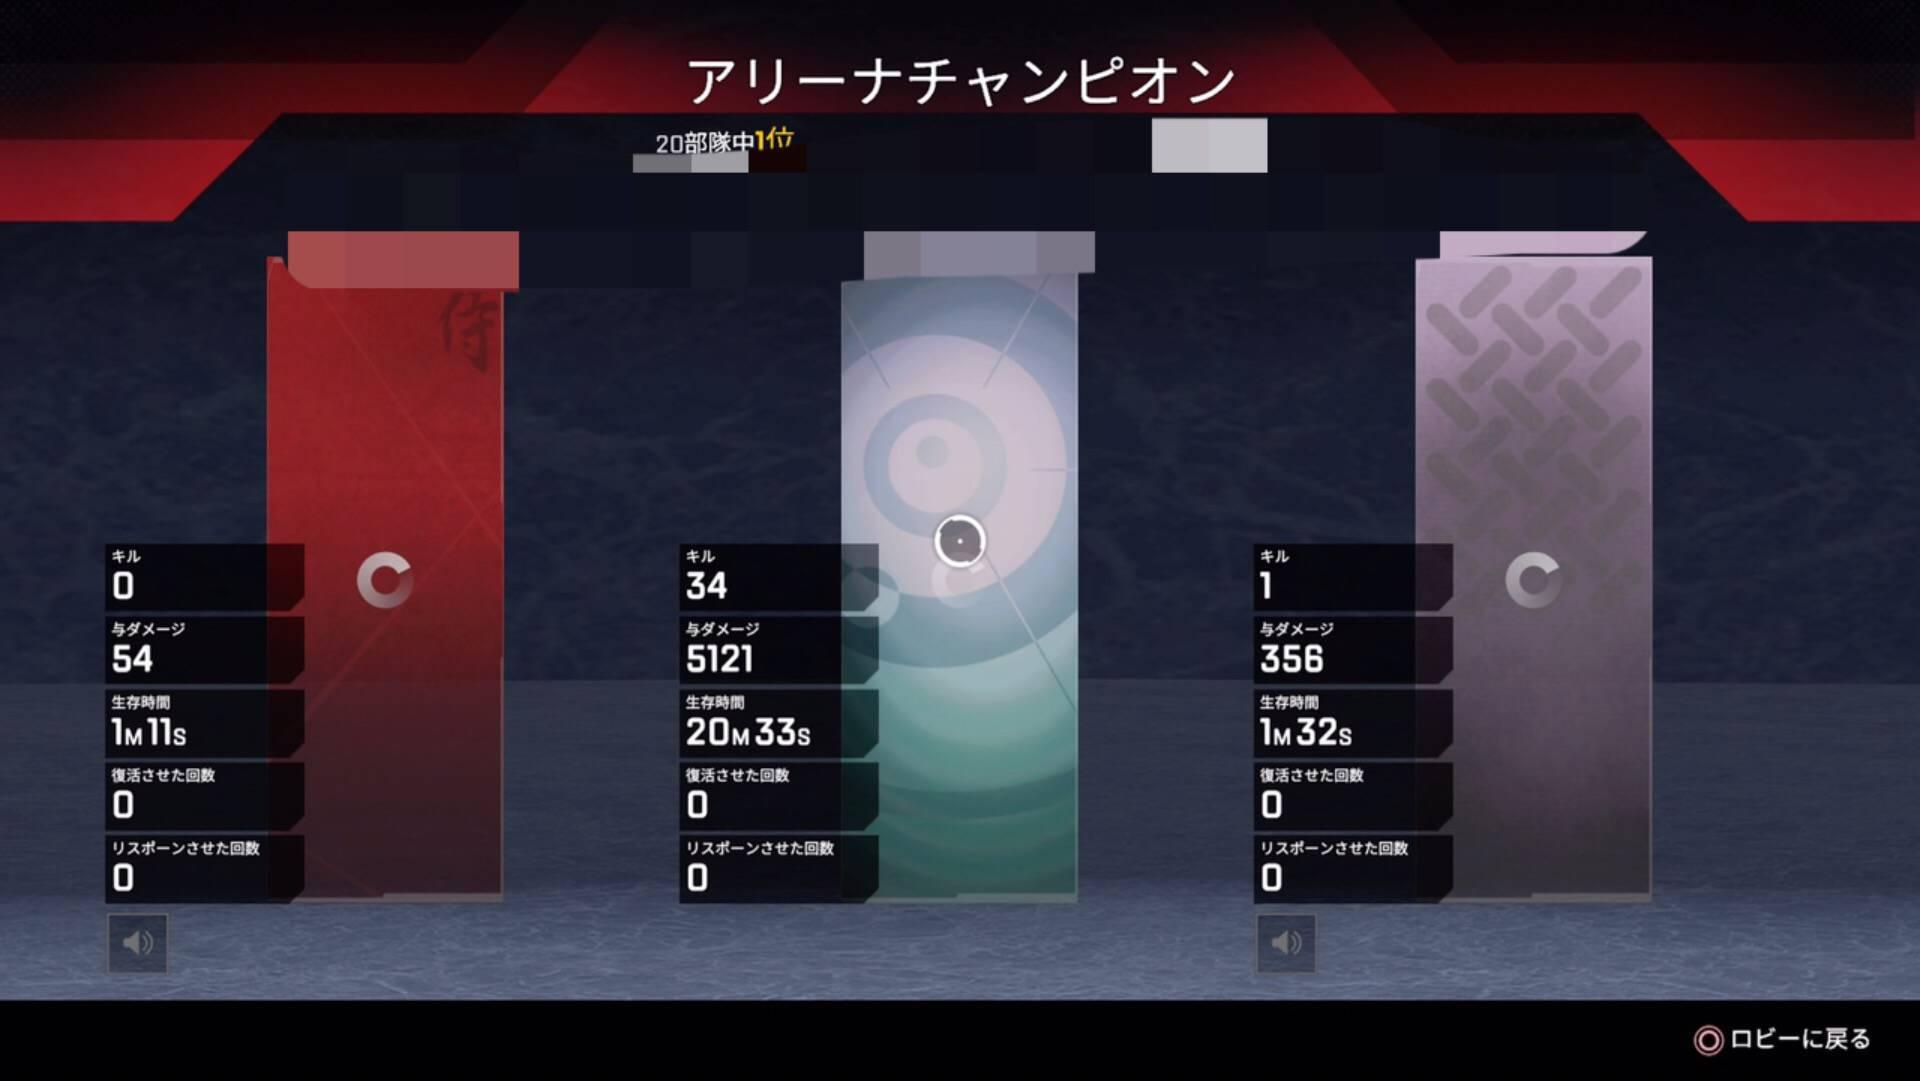 【Apex Legends】初心者鯖でも34キルってマジかよ!?